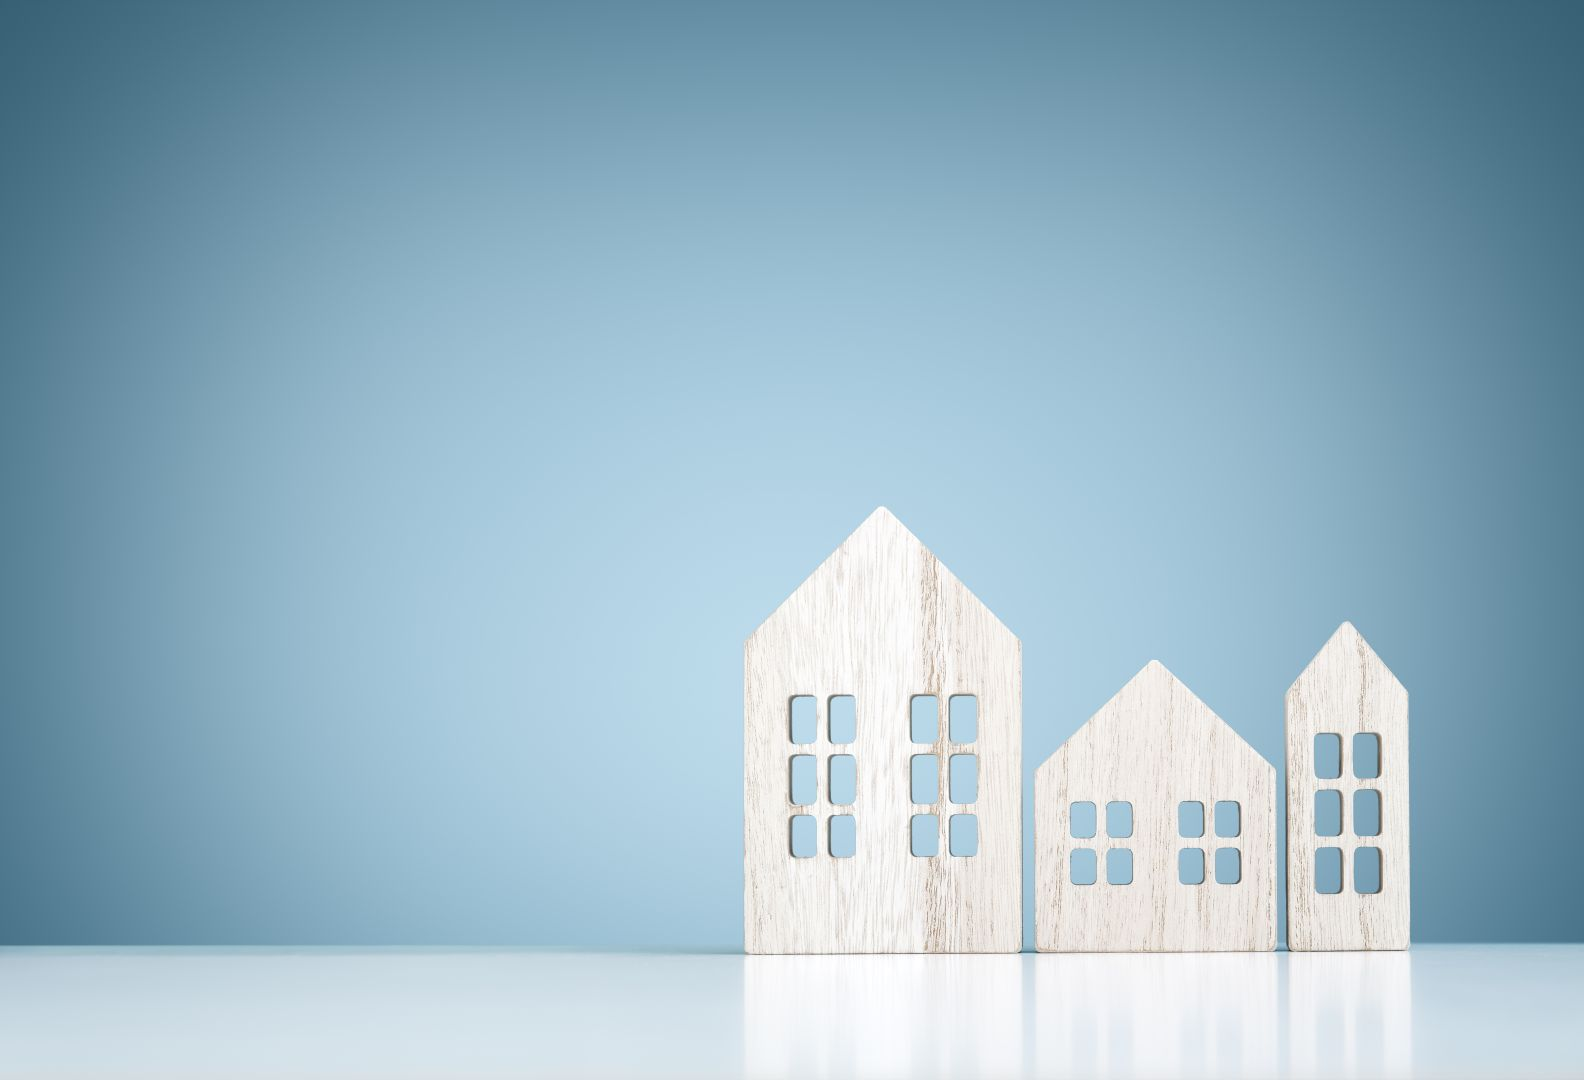 Comment envisager le marché immobilier de demain ?